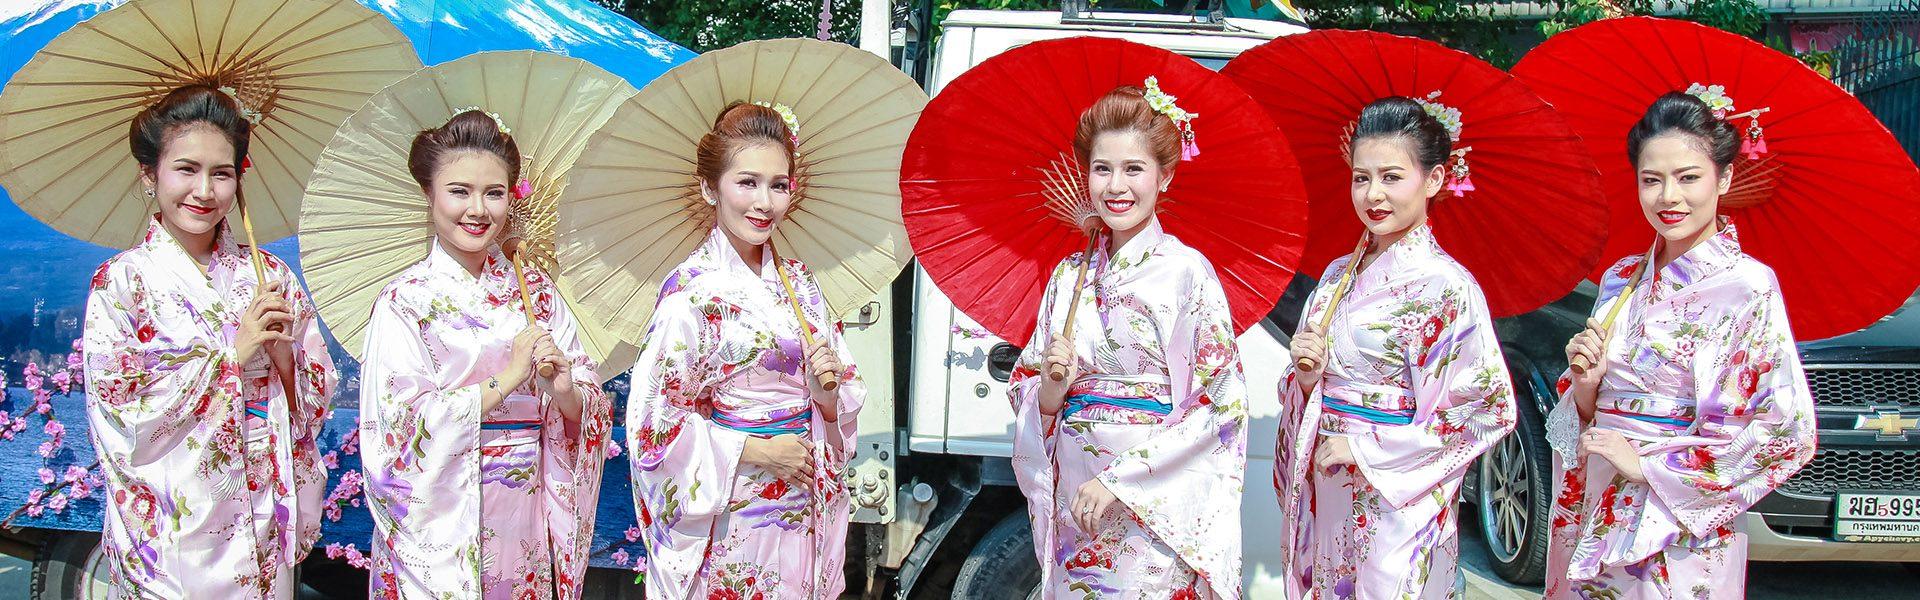 Japan Fan & Umbrella Dance